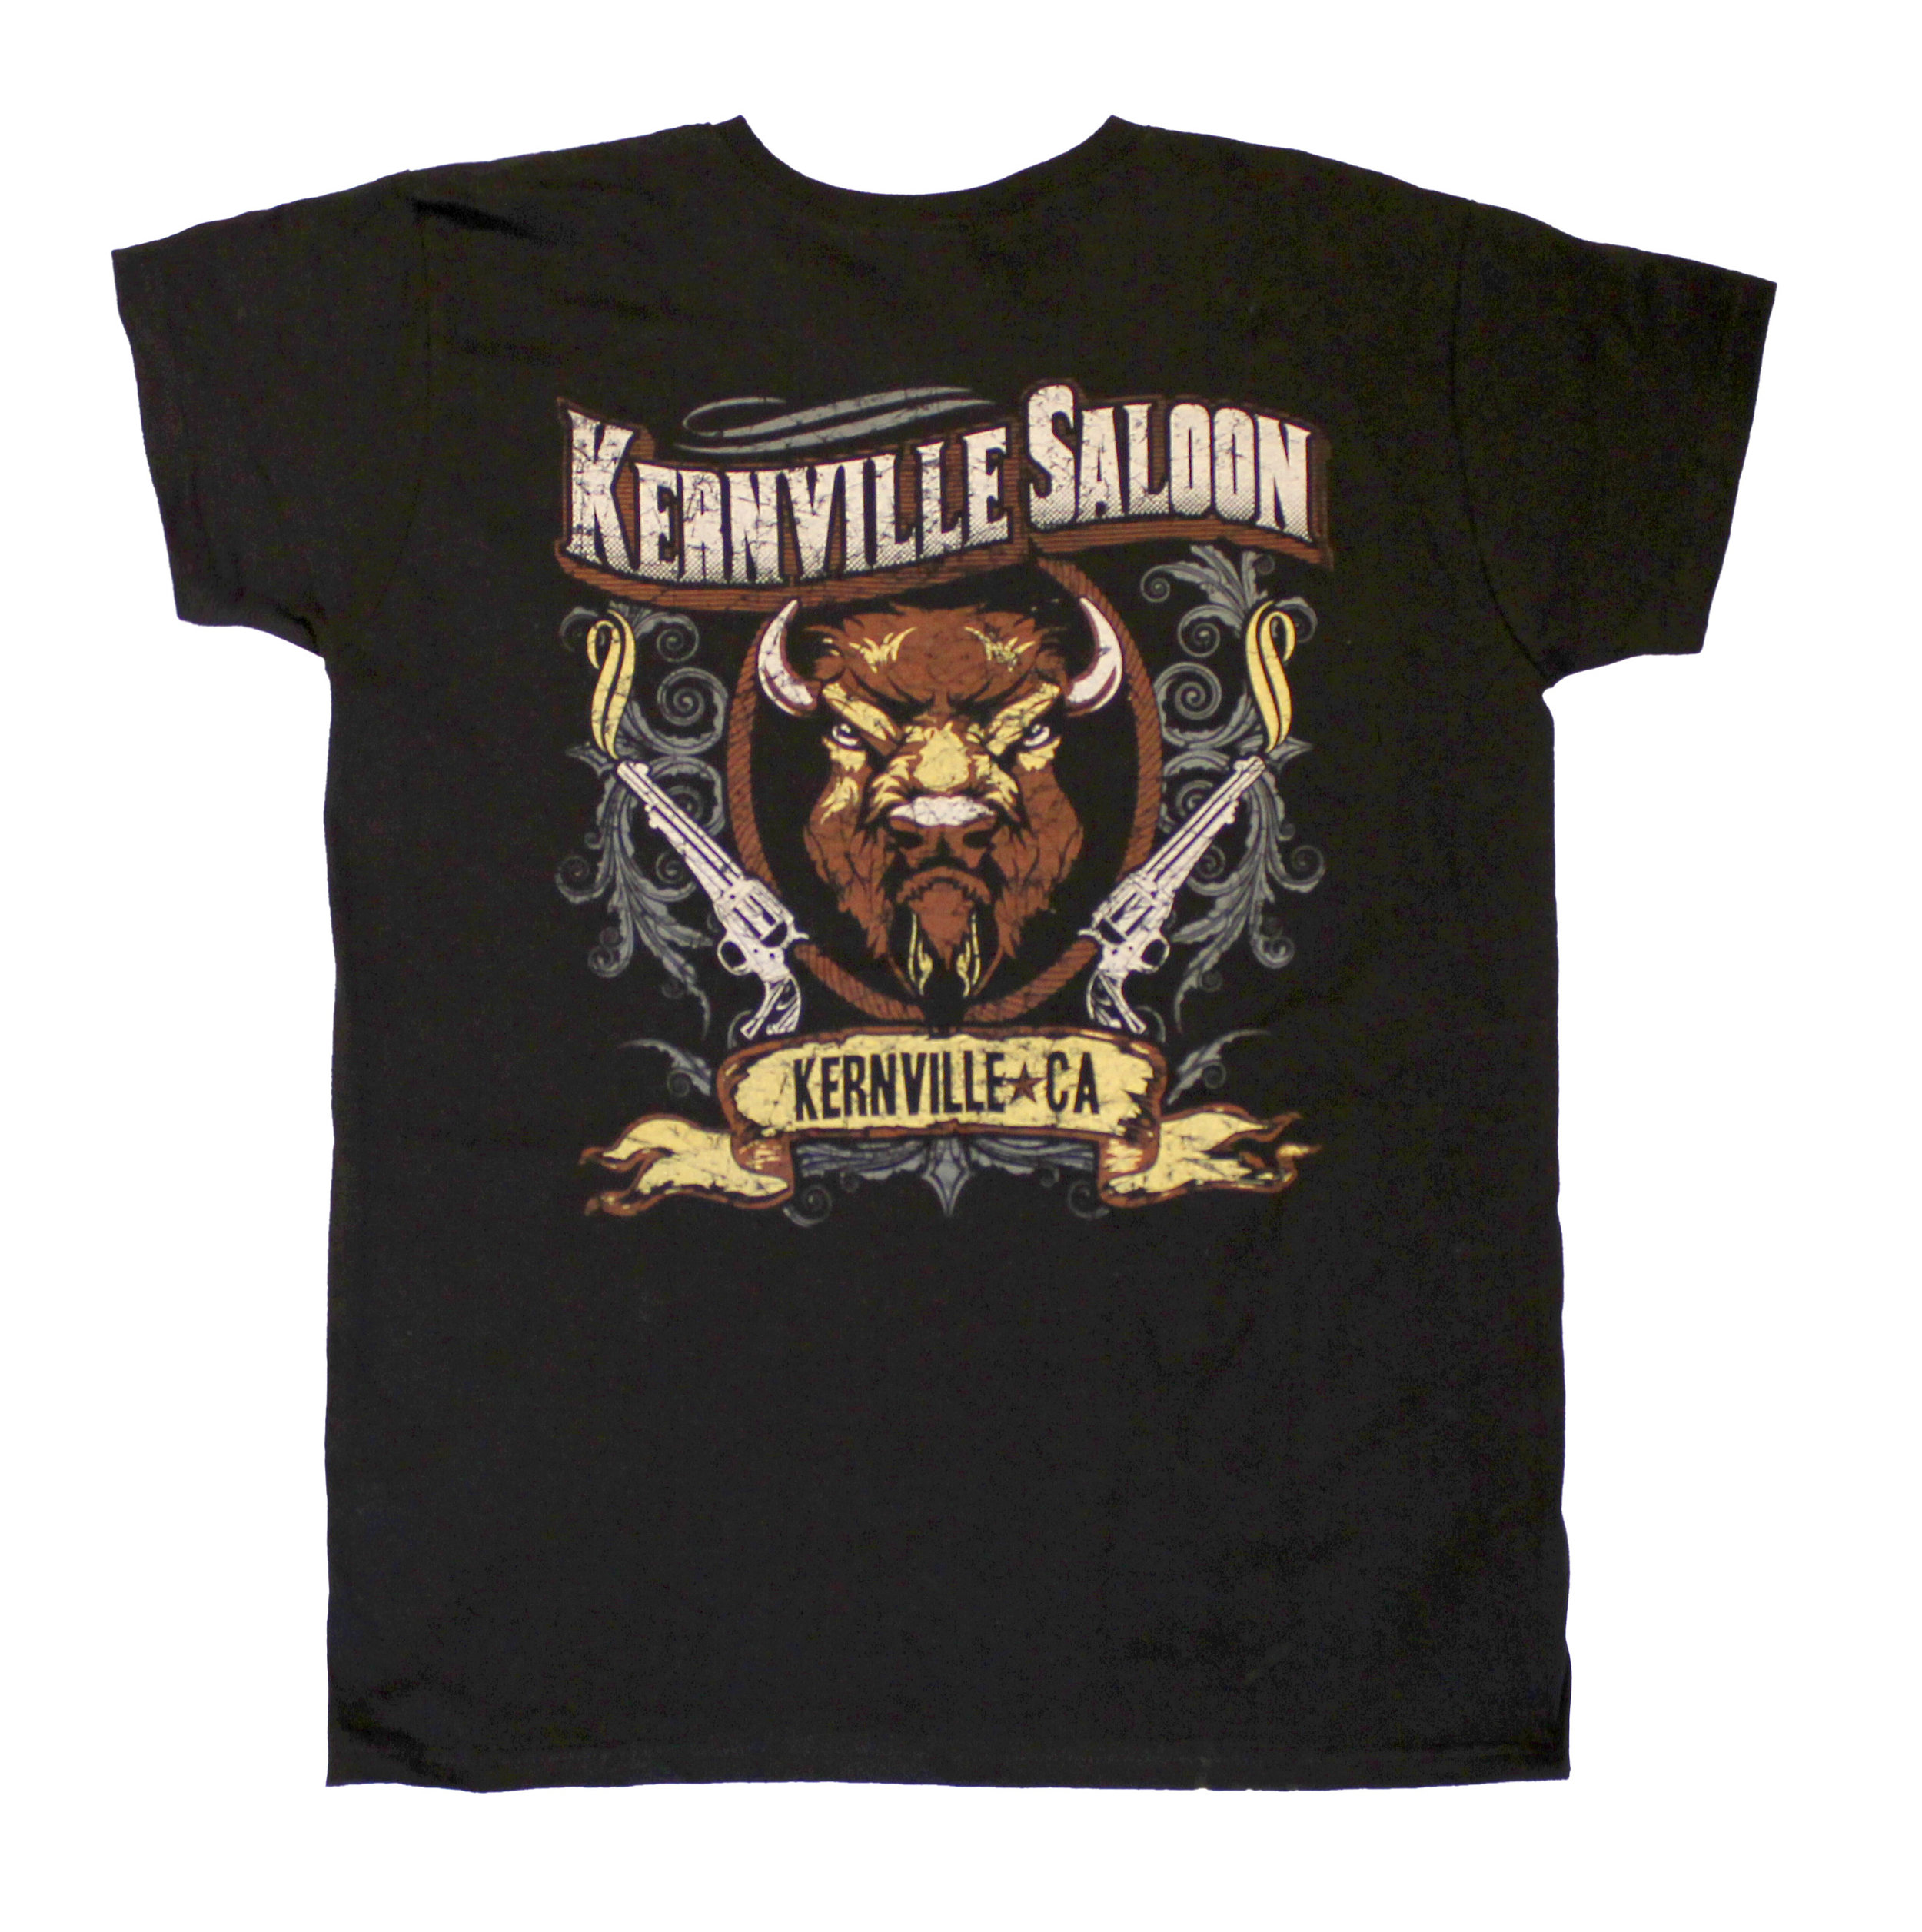 kernville_saloon_01.jpg